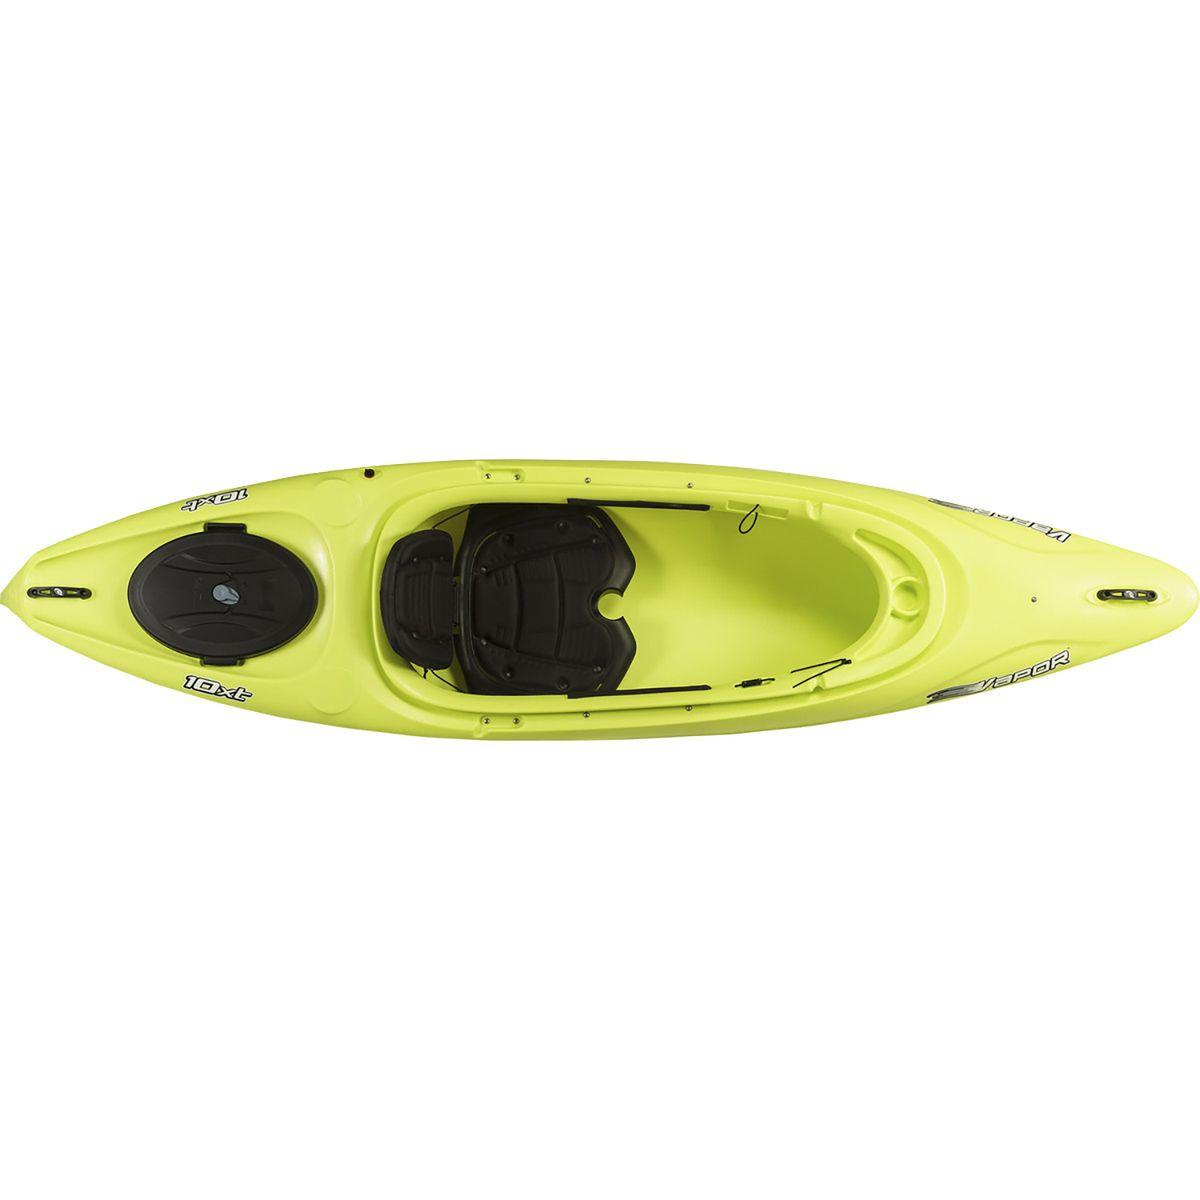 Old town vapor 10xt kayak ebay for Fishing kayak under 300